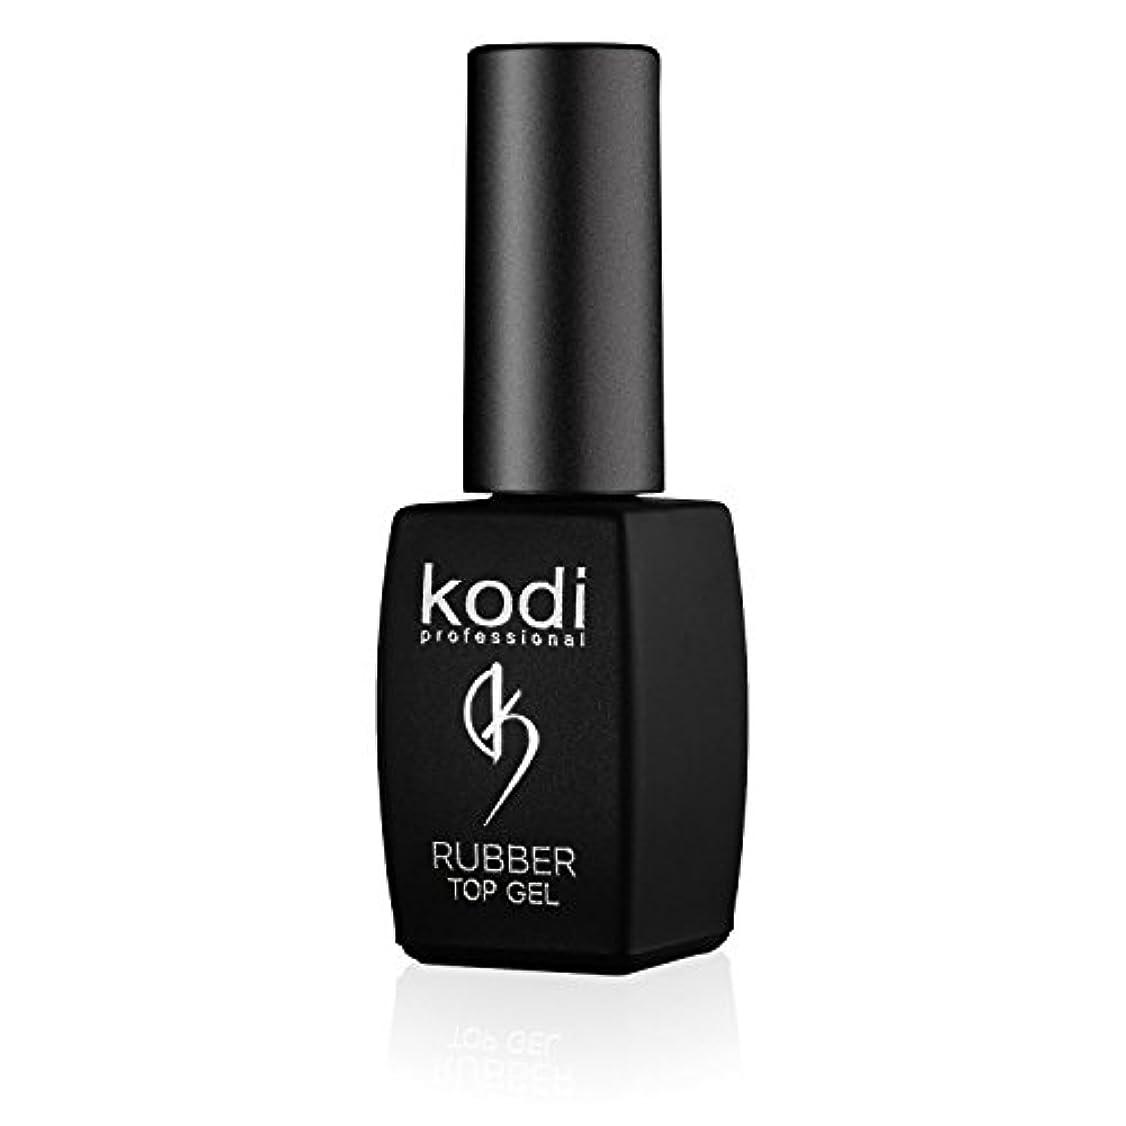 ひいきにする闇マキシムProfessional Rubber Top Gel By Kodi | 8ml 0.27 oz | Soak Off, Polish Fingernails Coat Kit | For Long Lasting Nails...